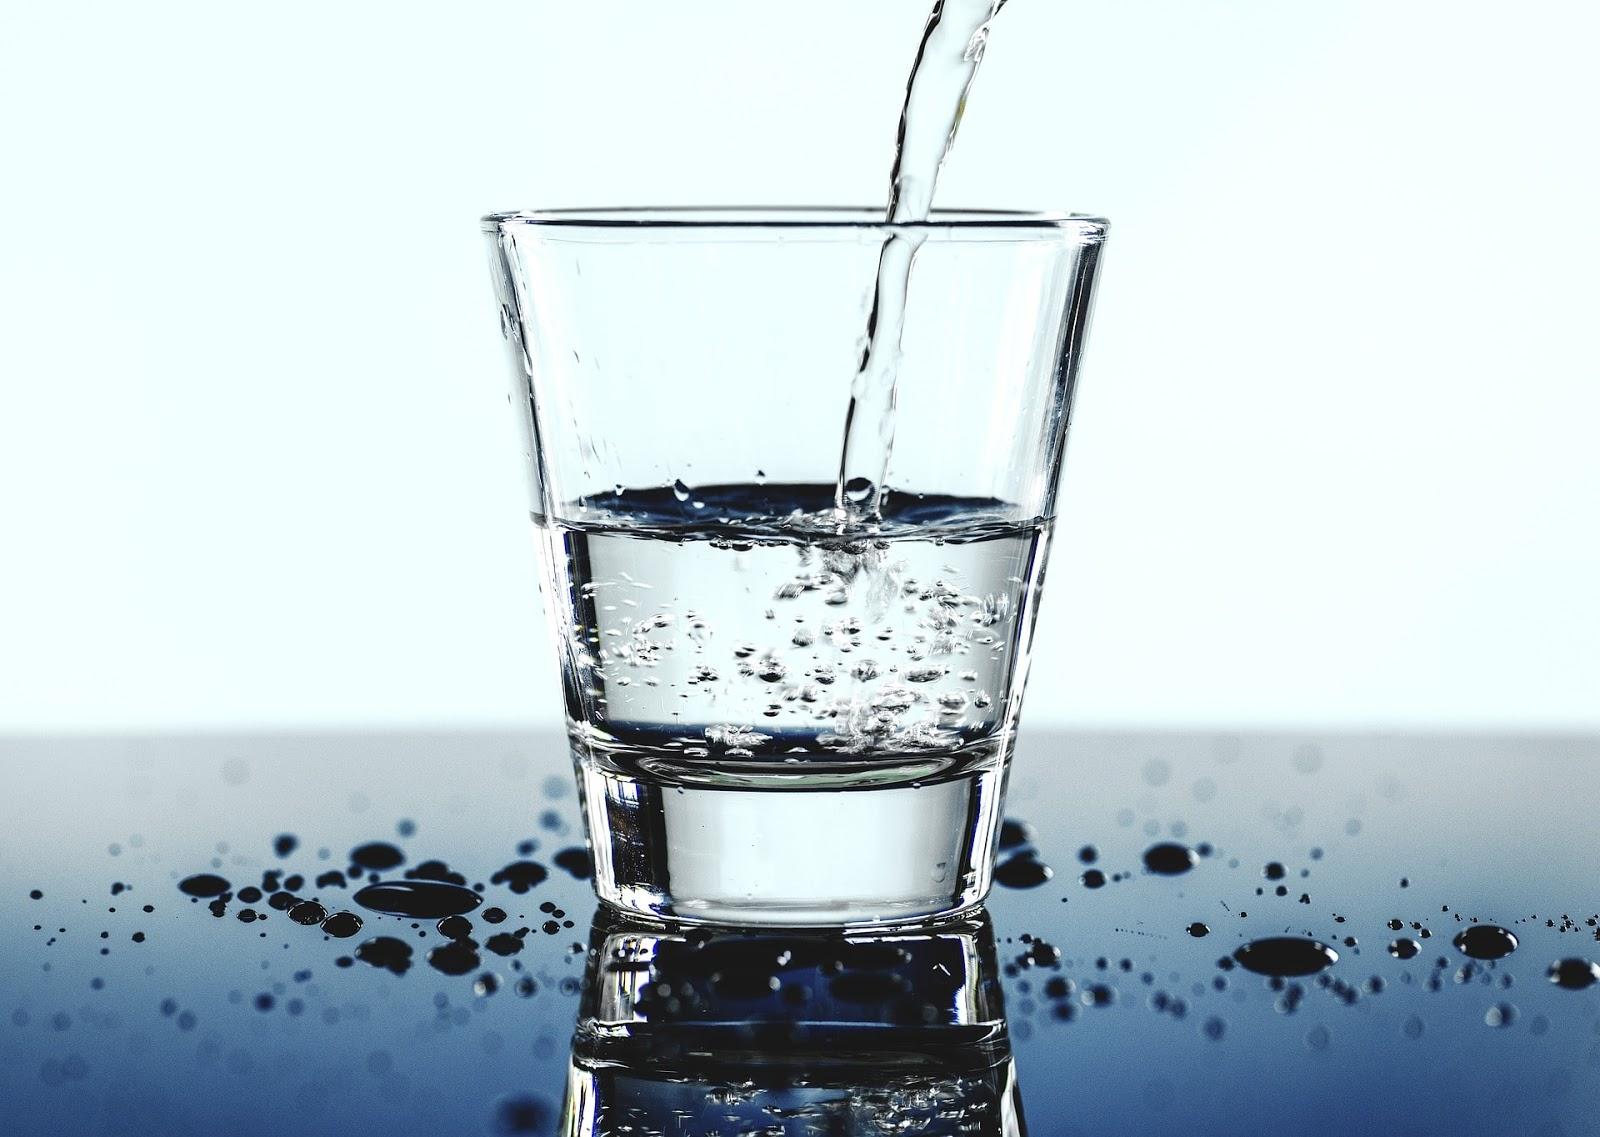 Khái niệm nước cất điều bạn cần nên biết